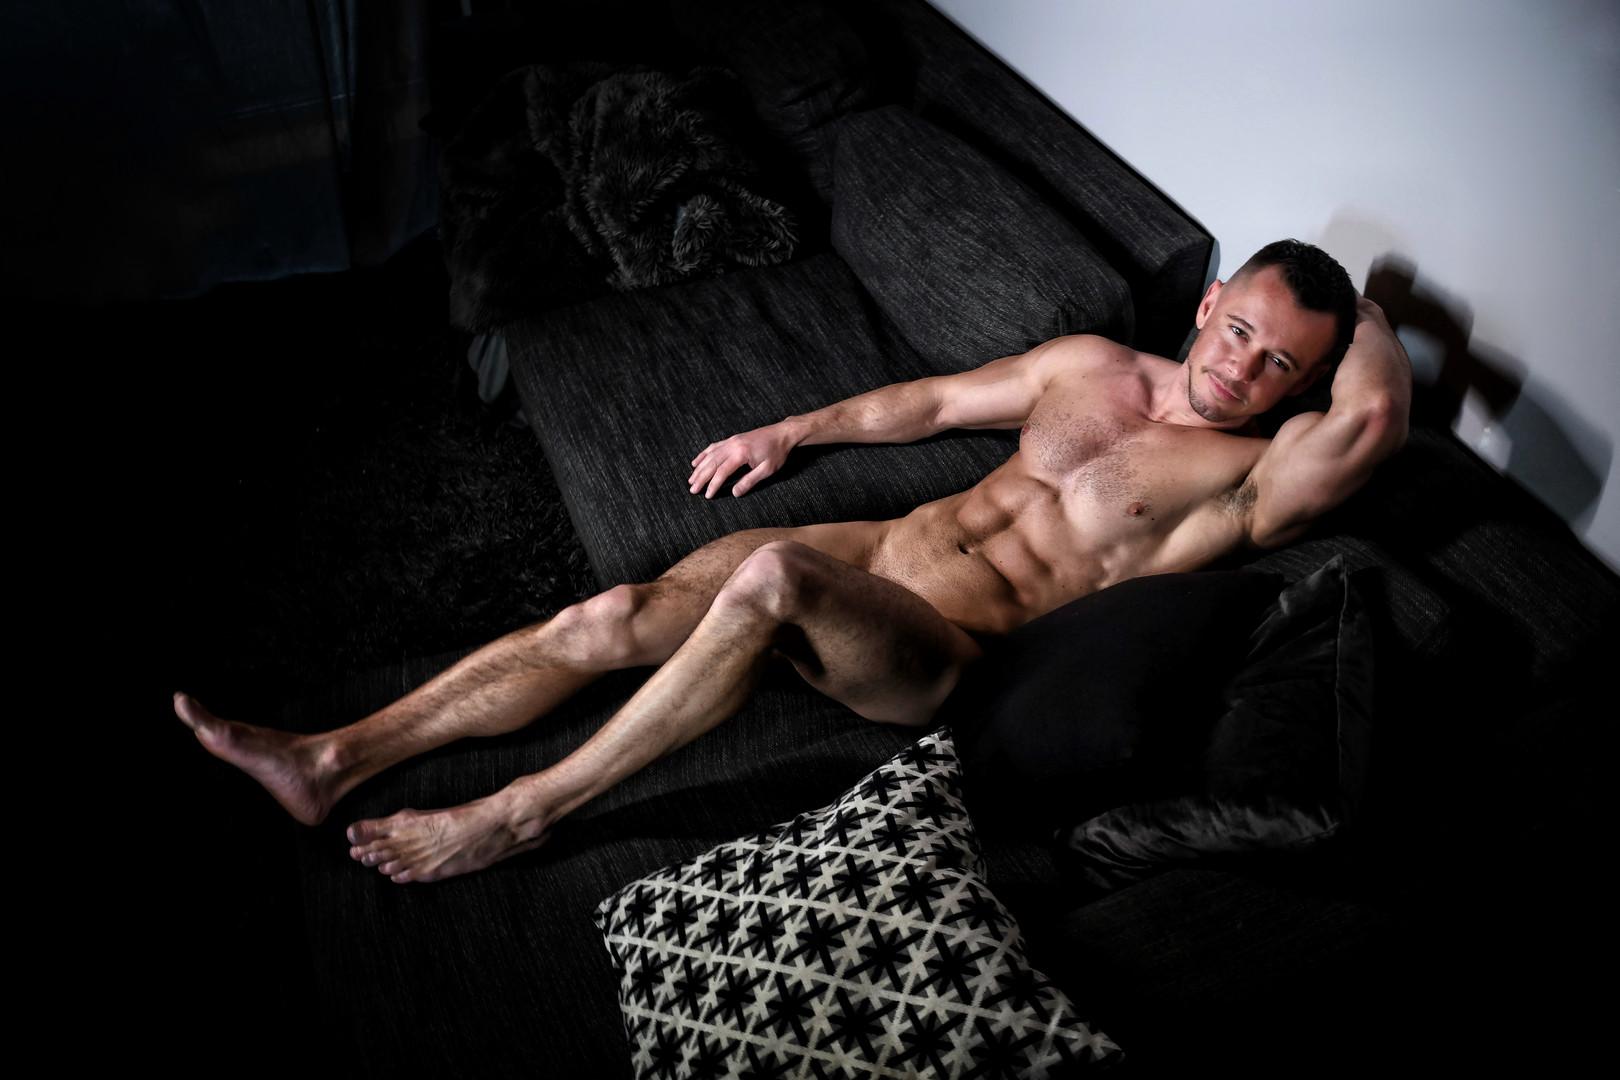 Model Dan Welden